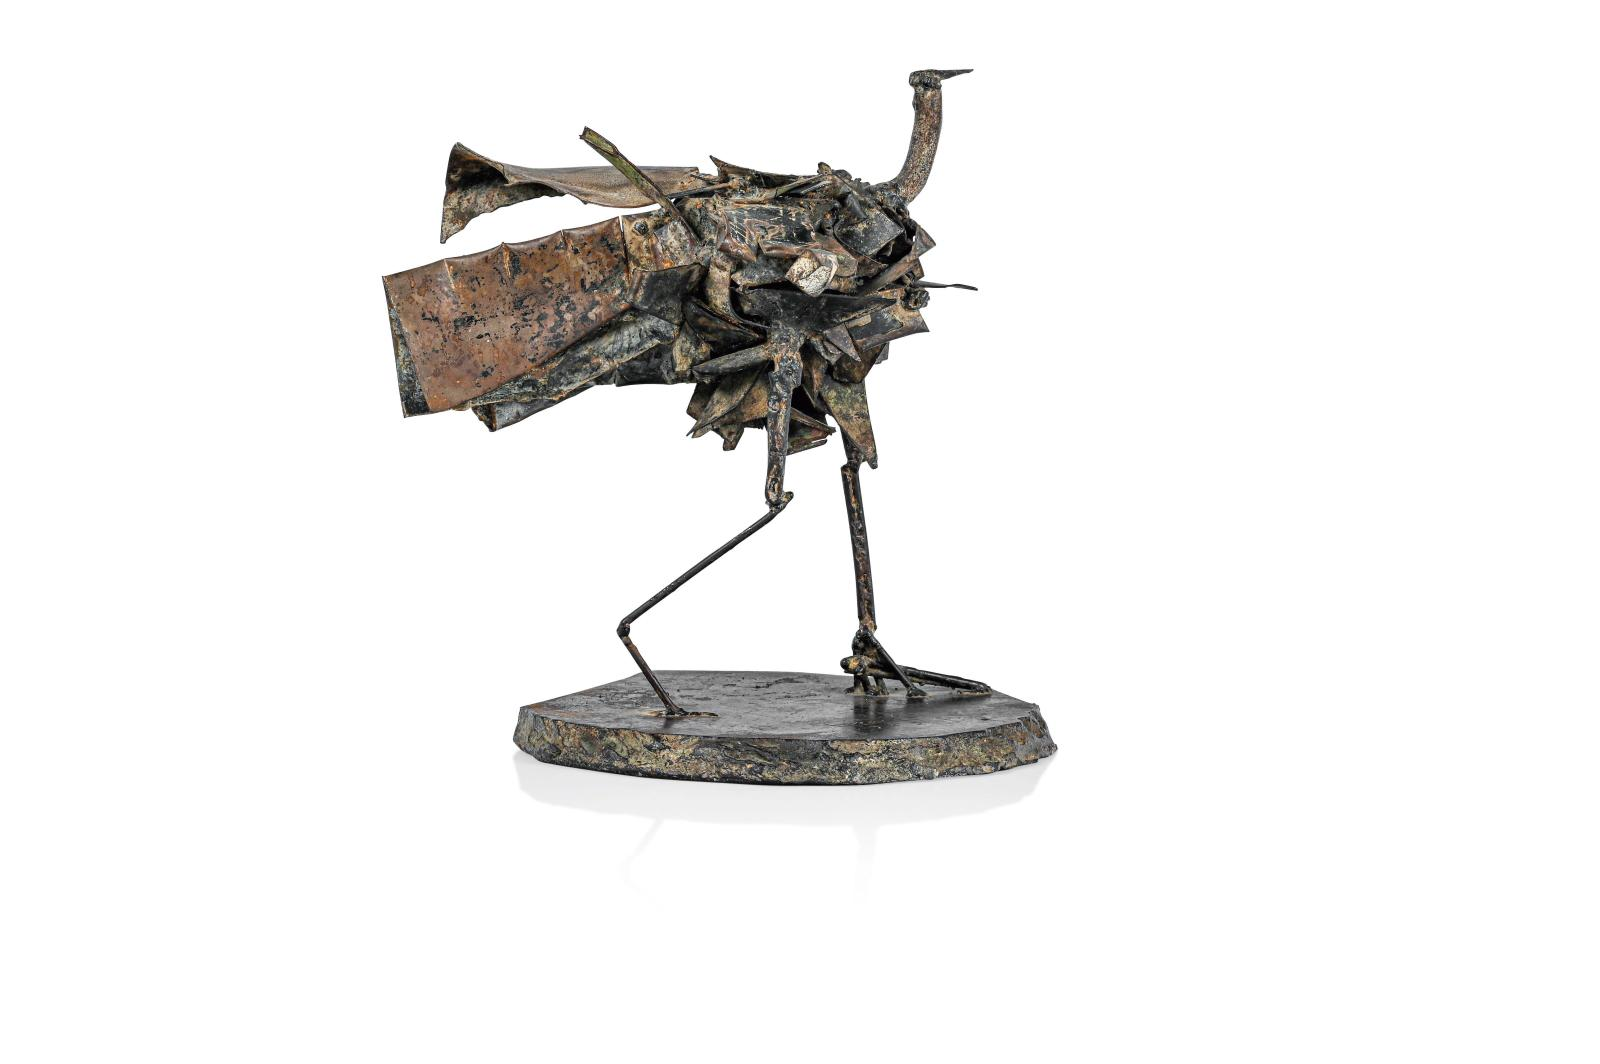 César (1921-1998), Échassier, 1959, sculpture, fer soudé, 27,5x24x22cm. Estimation: 30000/50000€